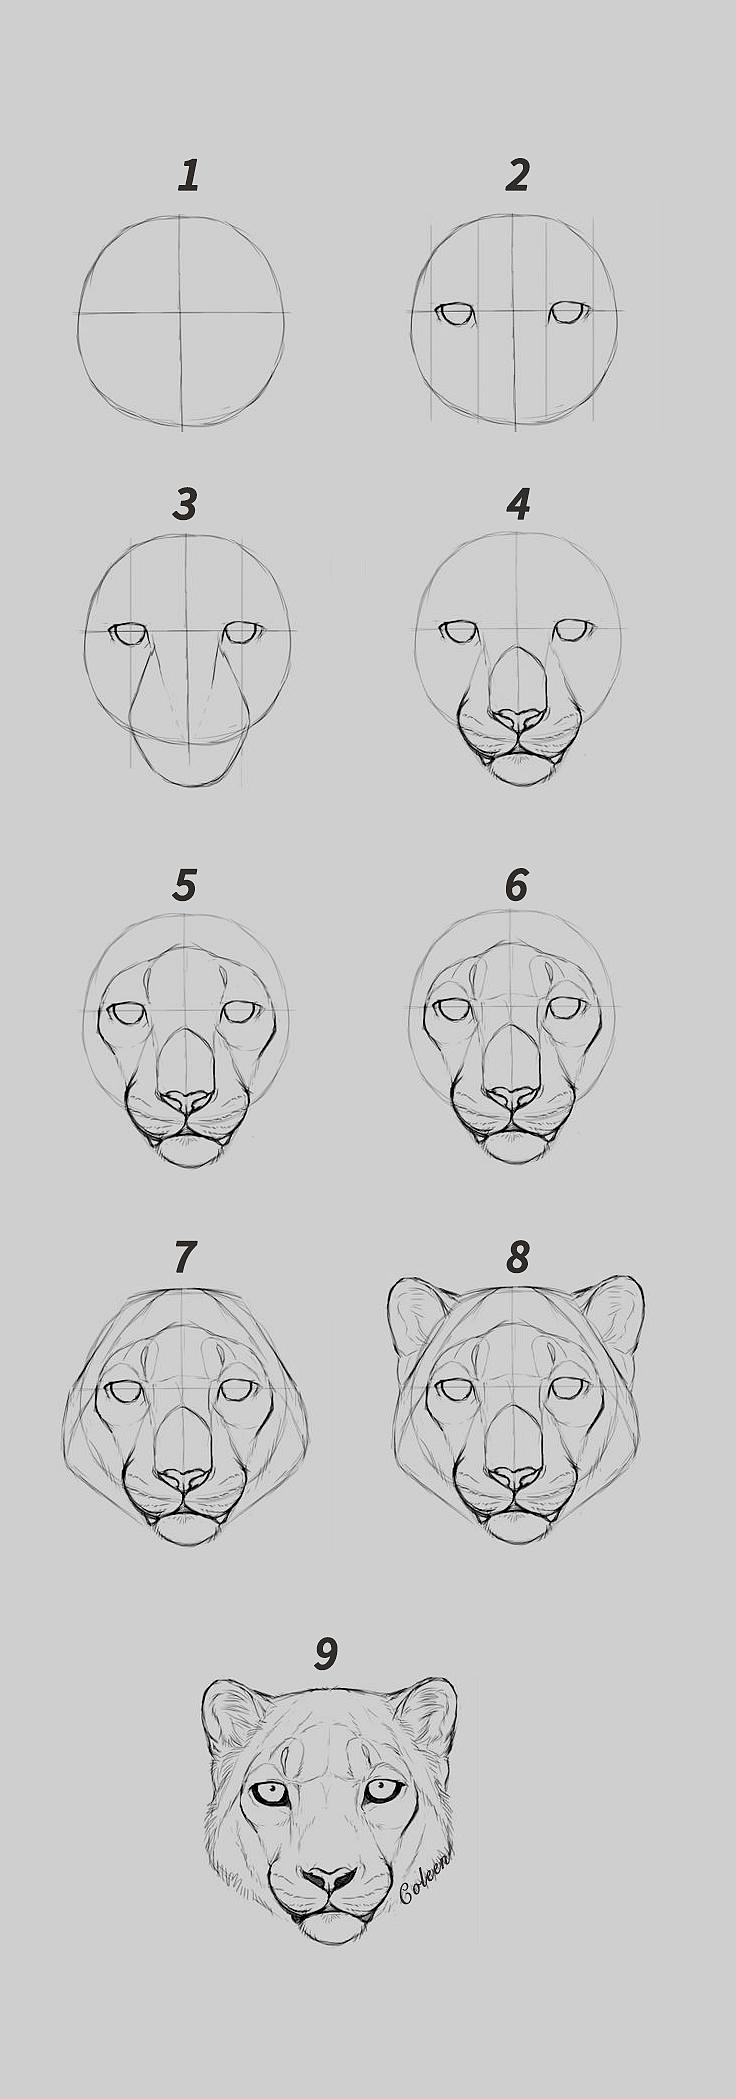 动物猎豹头手绘步骤简易步骤